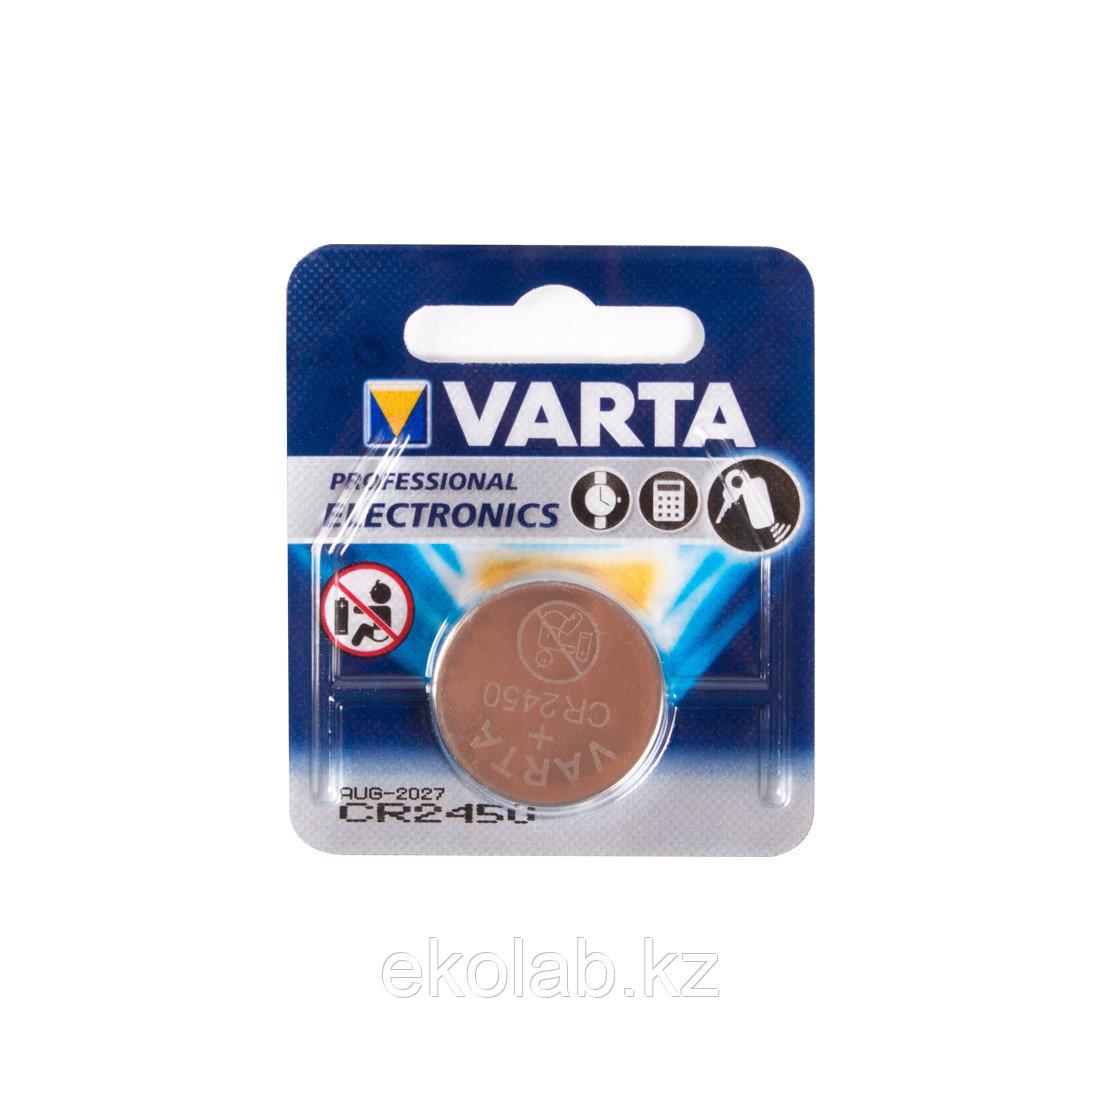 Батарейка VARTA Professional Electronics CR2450 3V